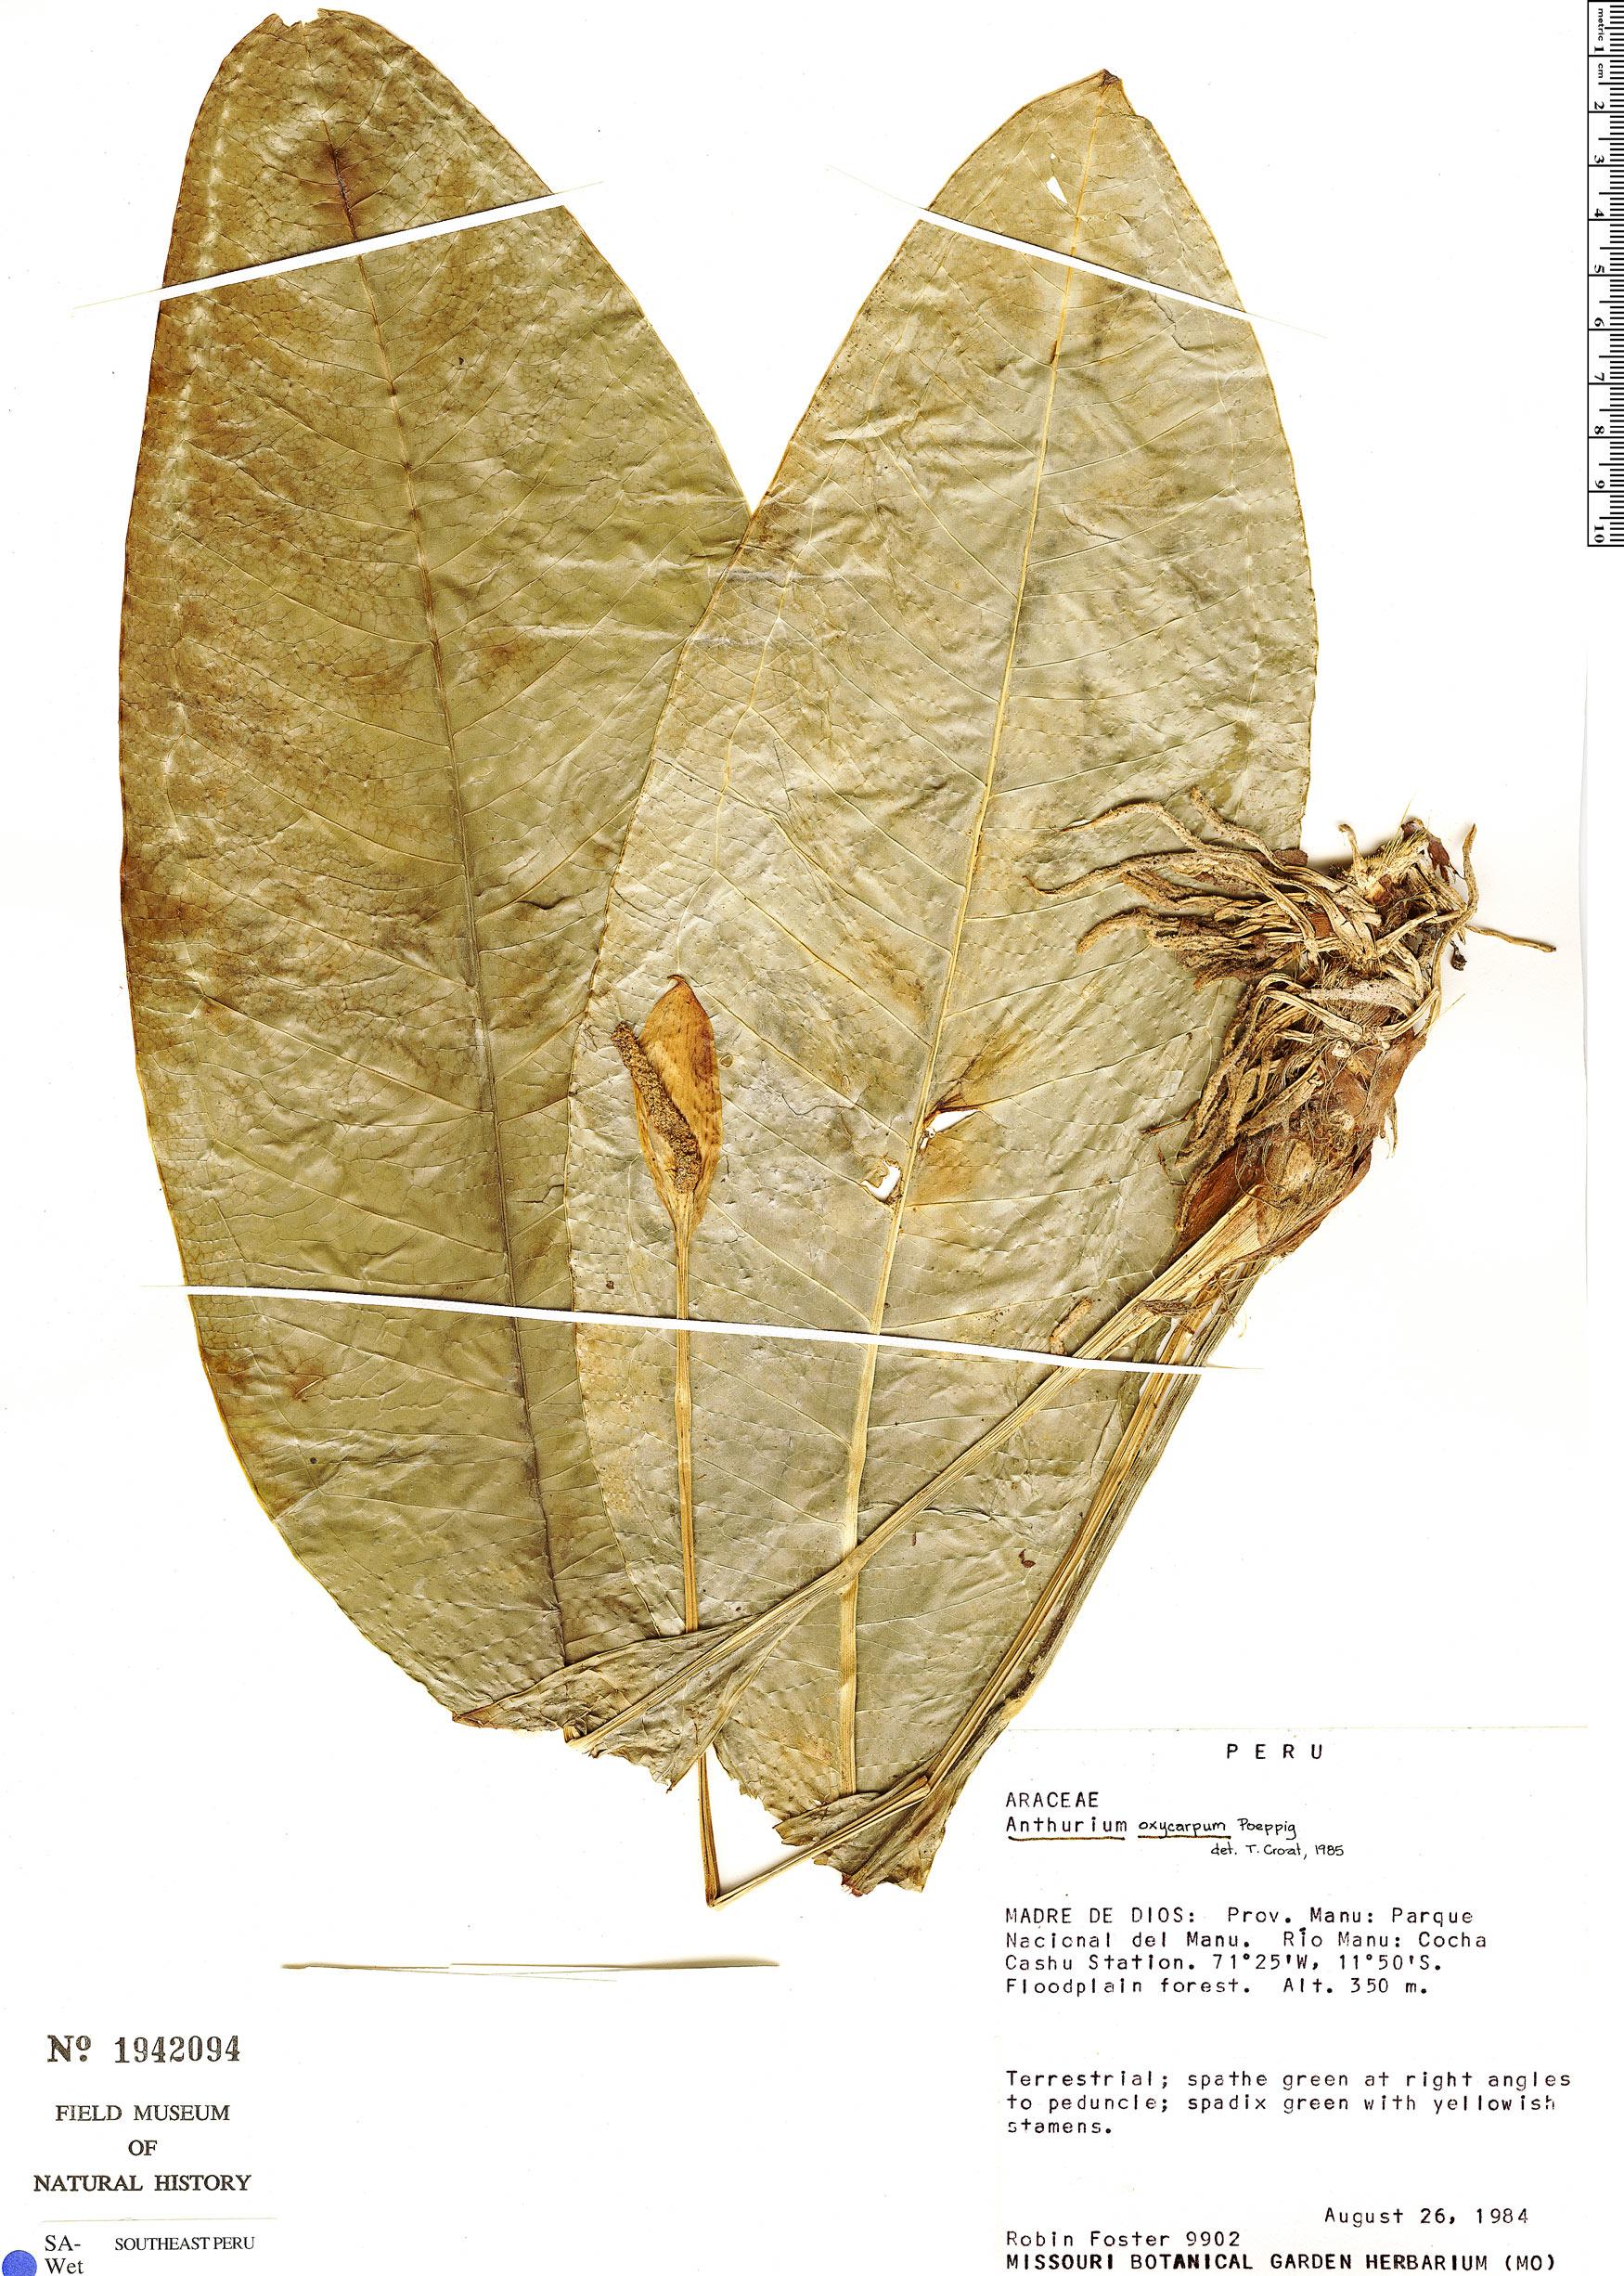 Specimen: Anthurium oxycarpum